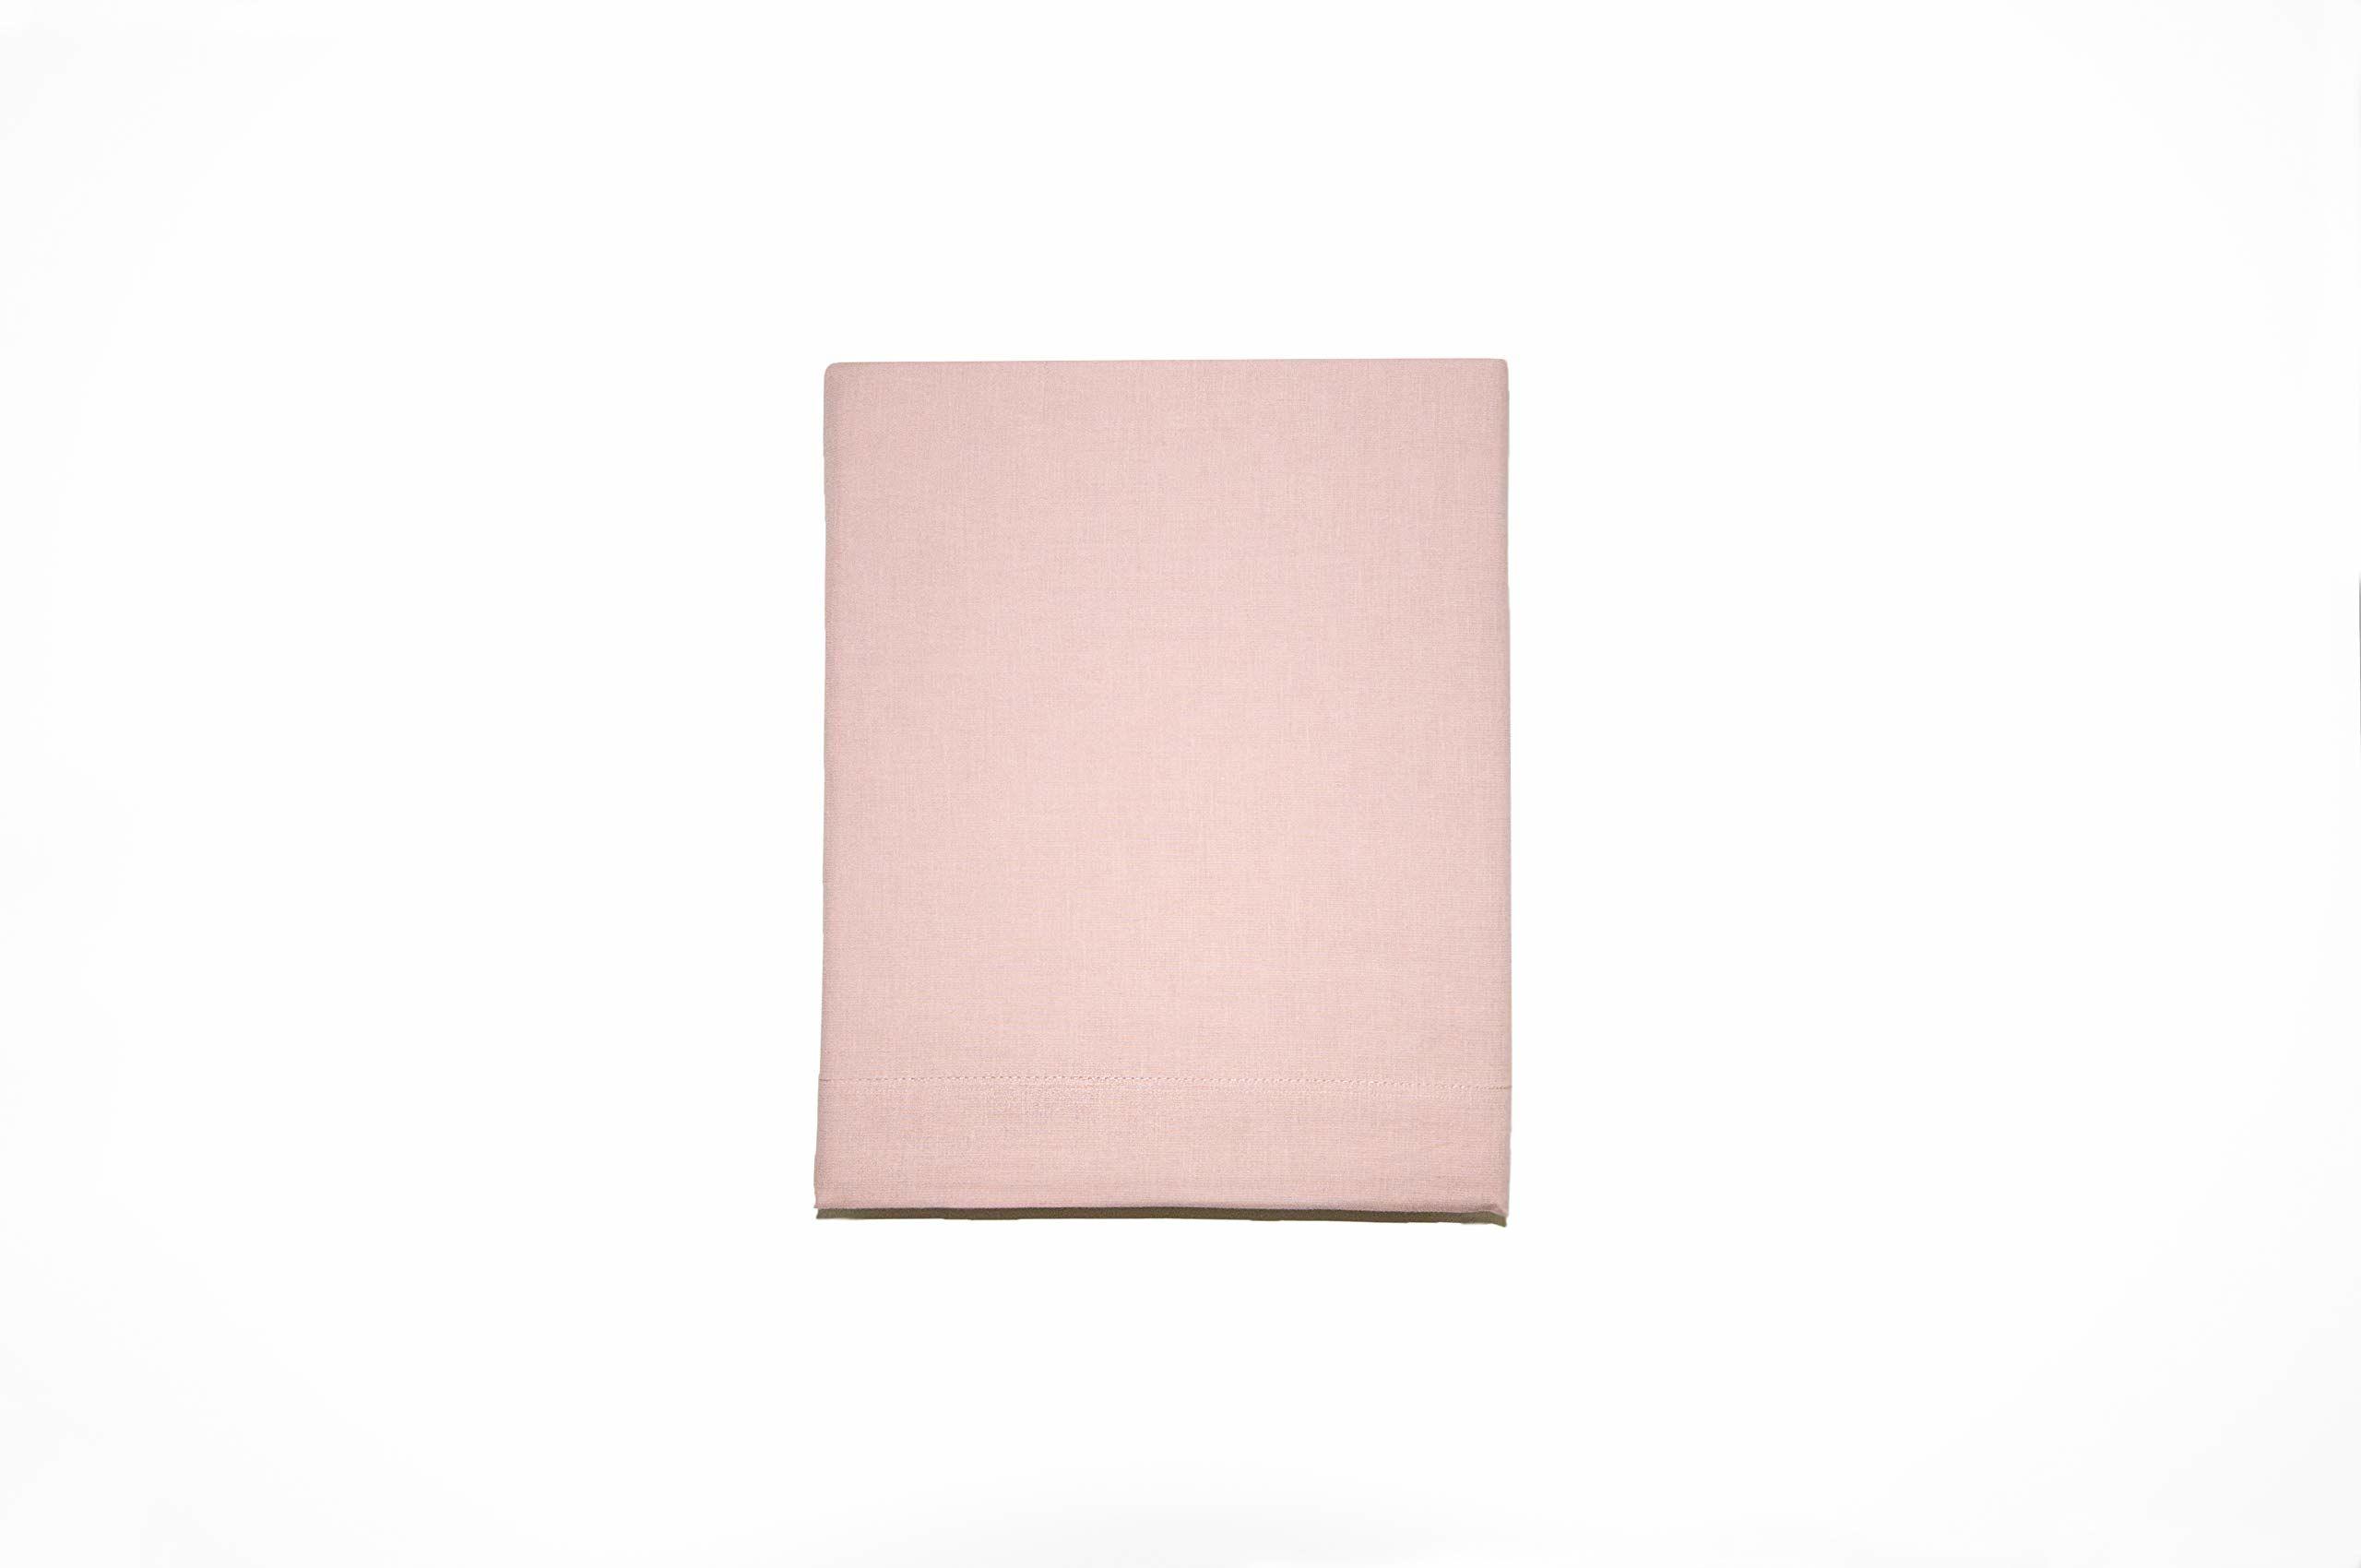 Lexington Prześcieradło, 240 x 290 cm, bawełna, len, różowe